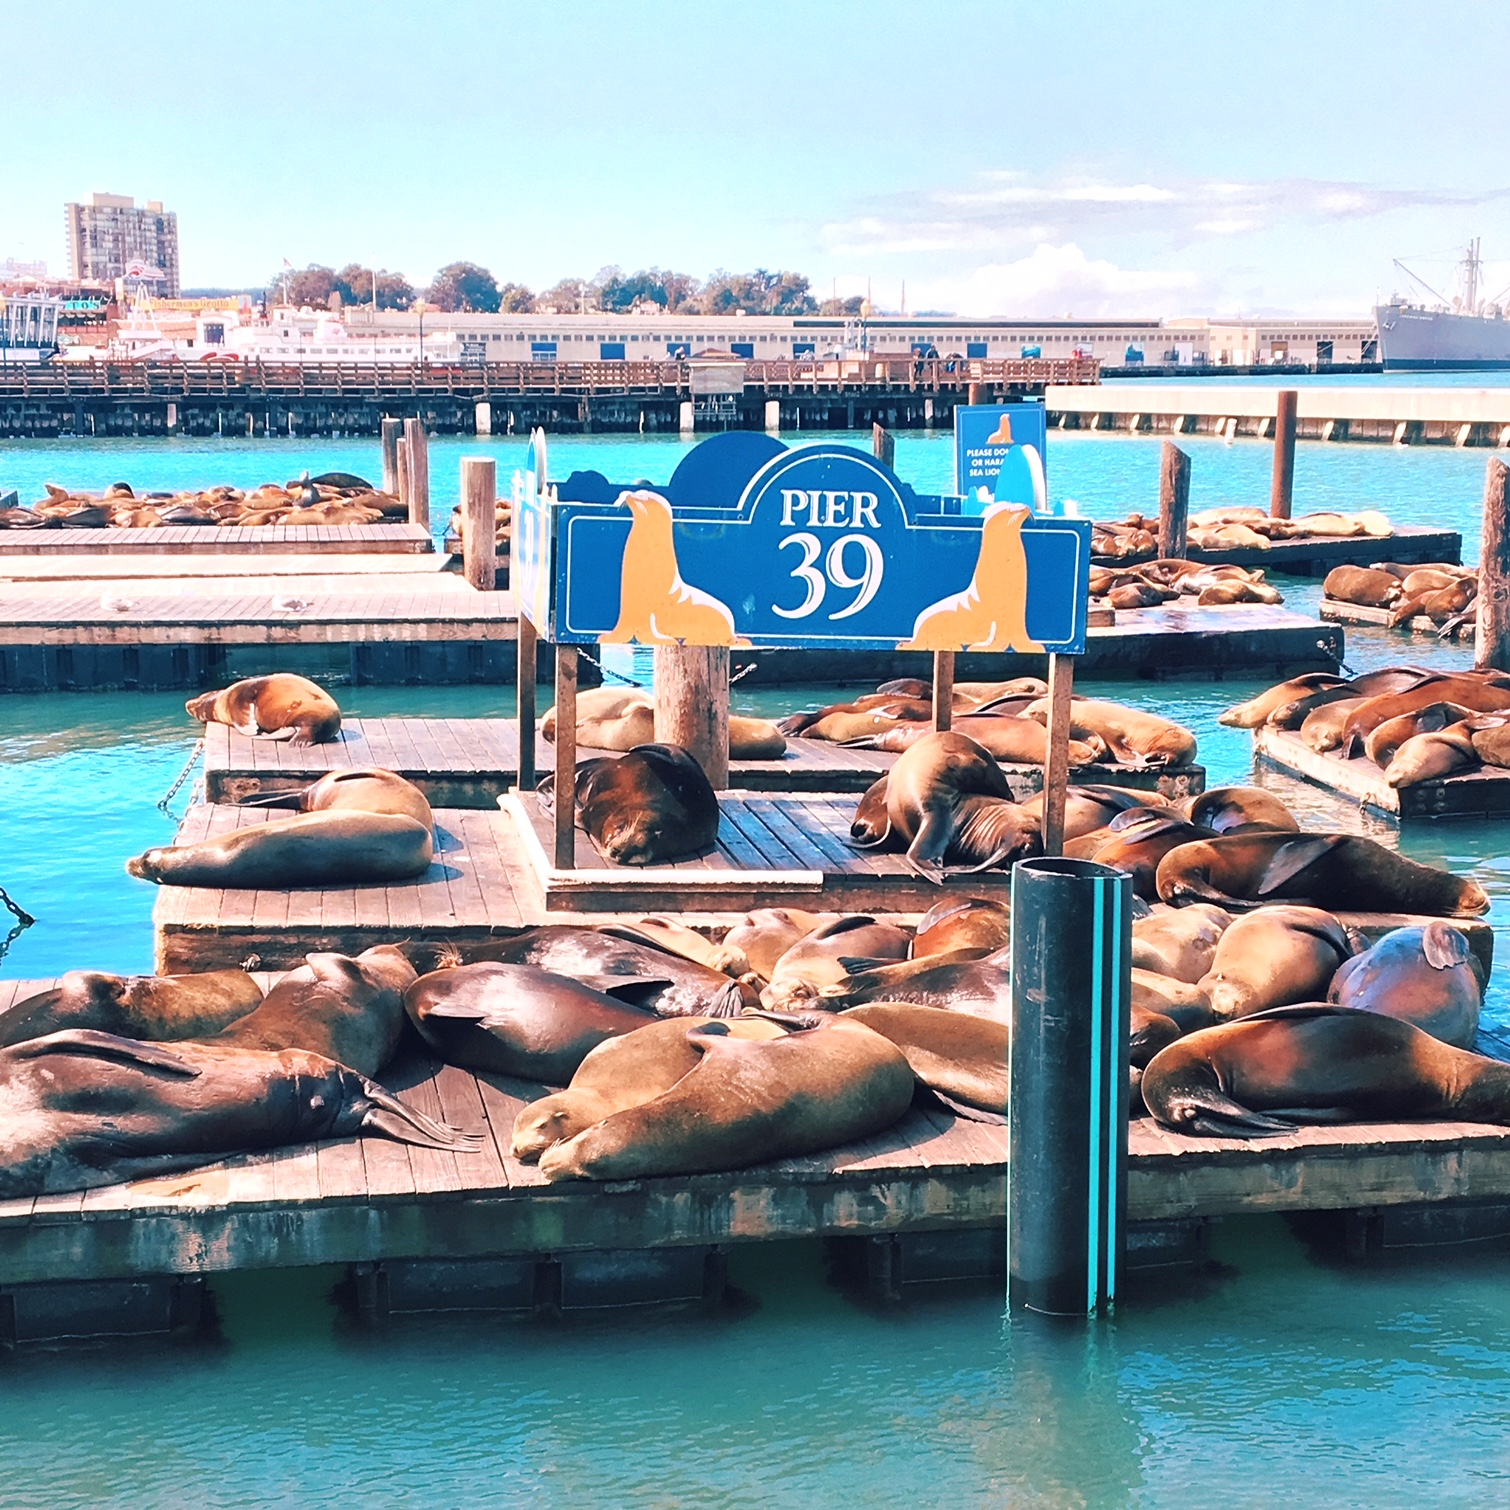 Pier 39, San Francisco, CA